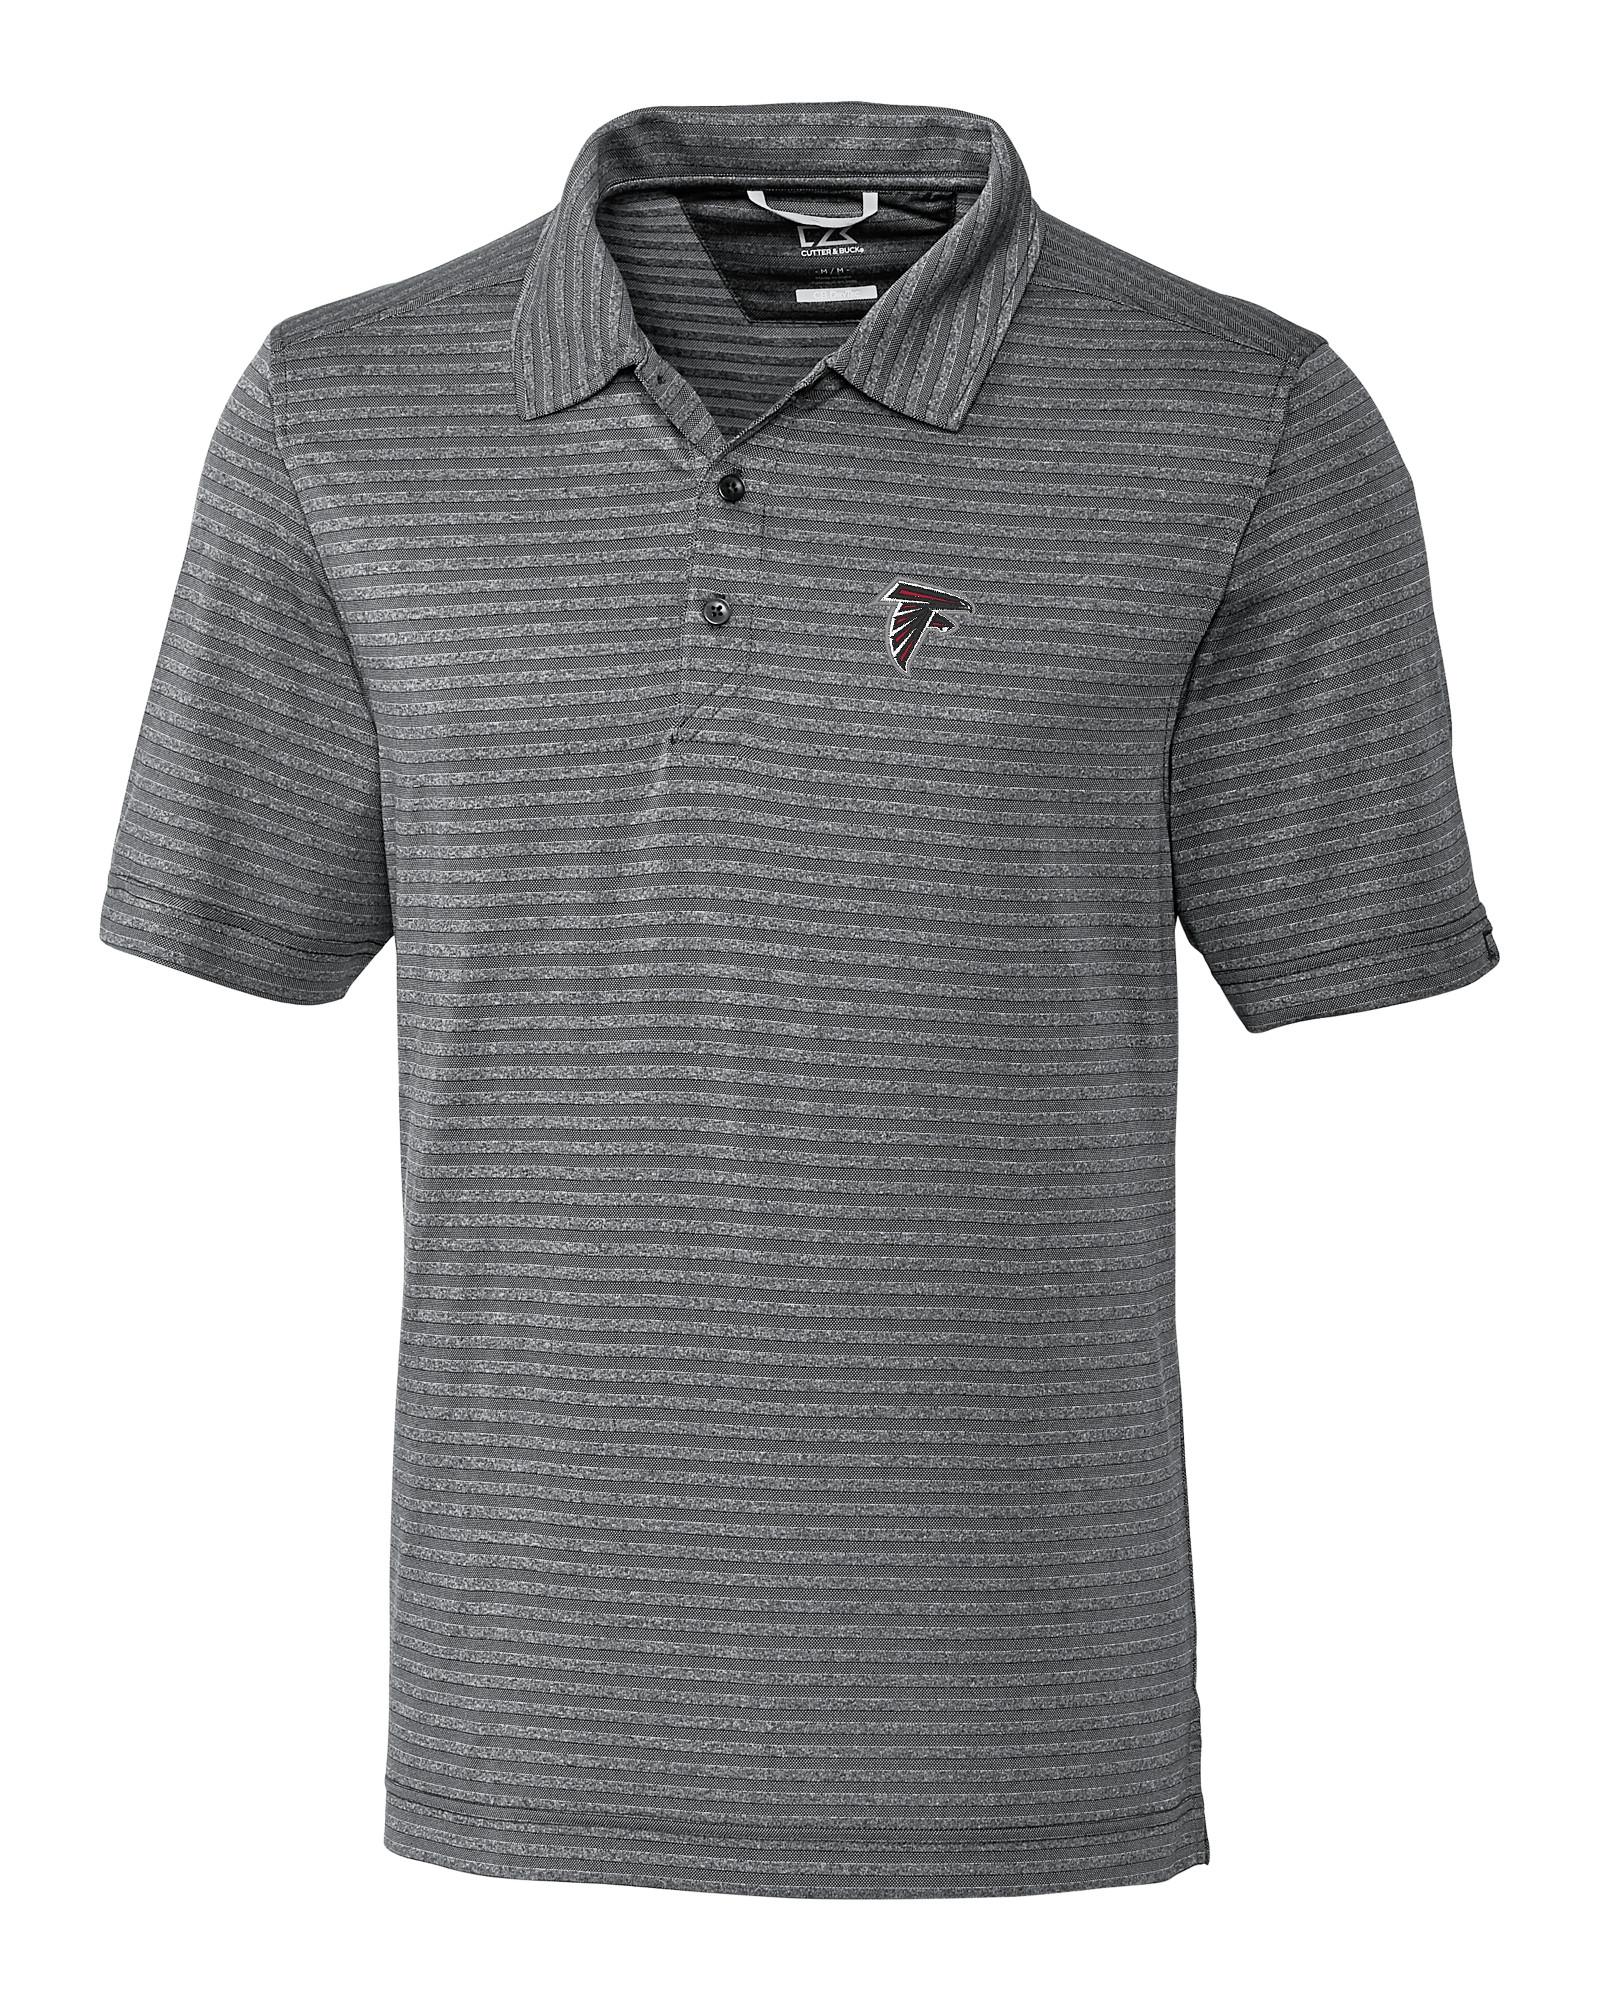 44c684e49 Atlanta Falcons Cascade Melange Stripe Polo - Cutter   Buck